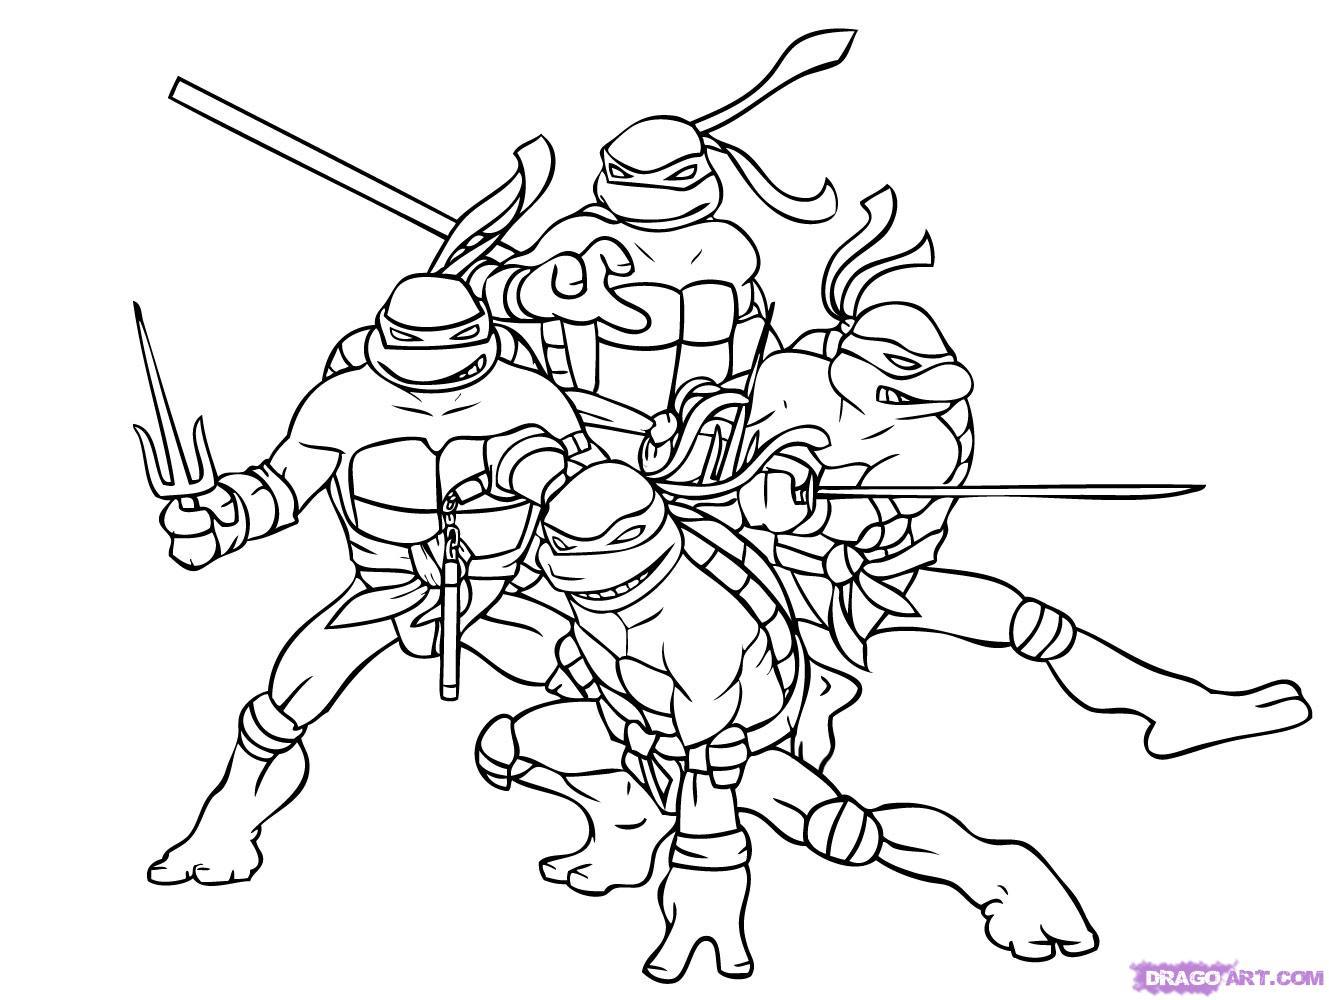 teenage mutant ninja turtles color sheets leonardo teenage mutant ninja turtles coloring picture for sheets ninja turtles teenage color mutant